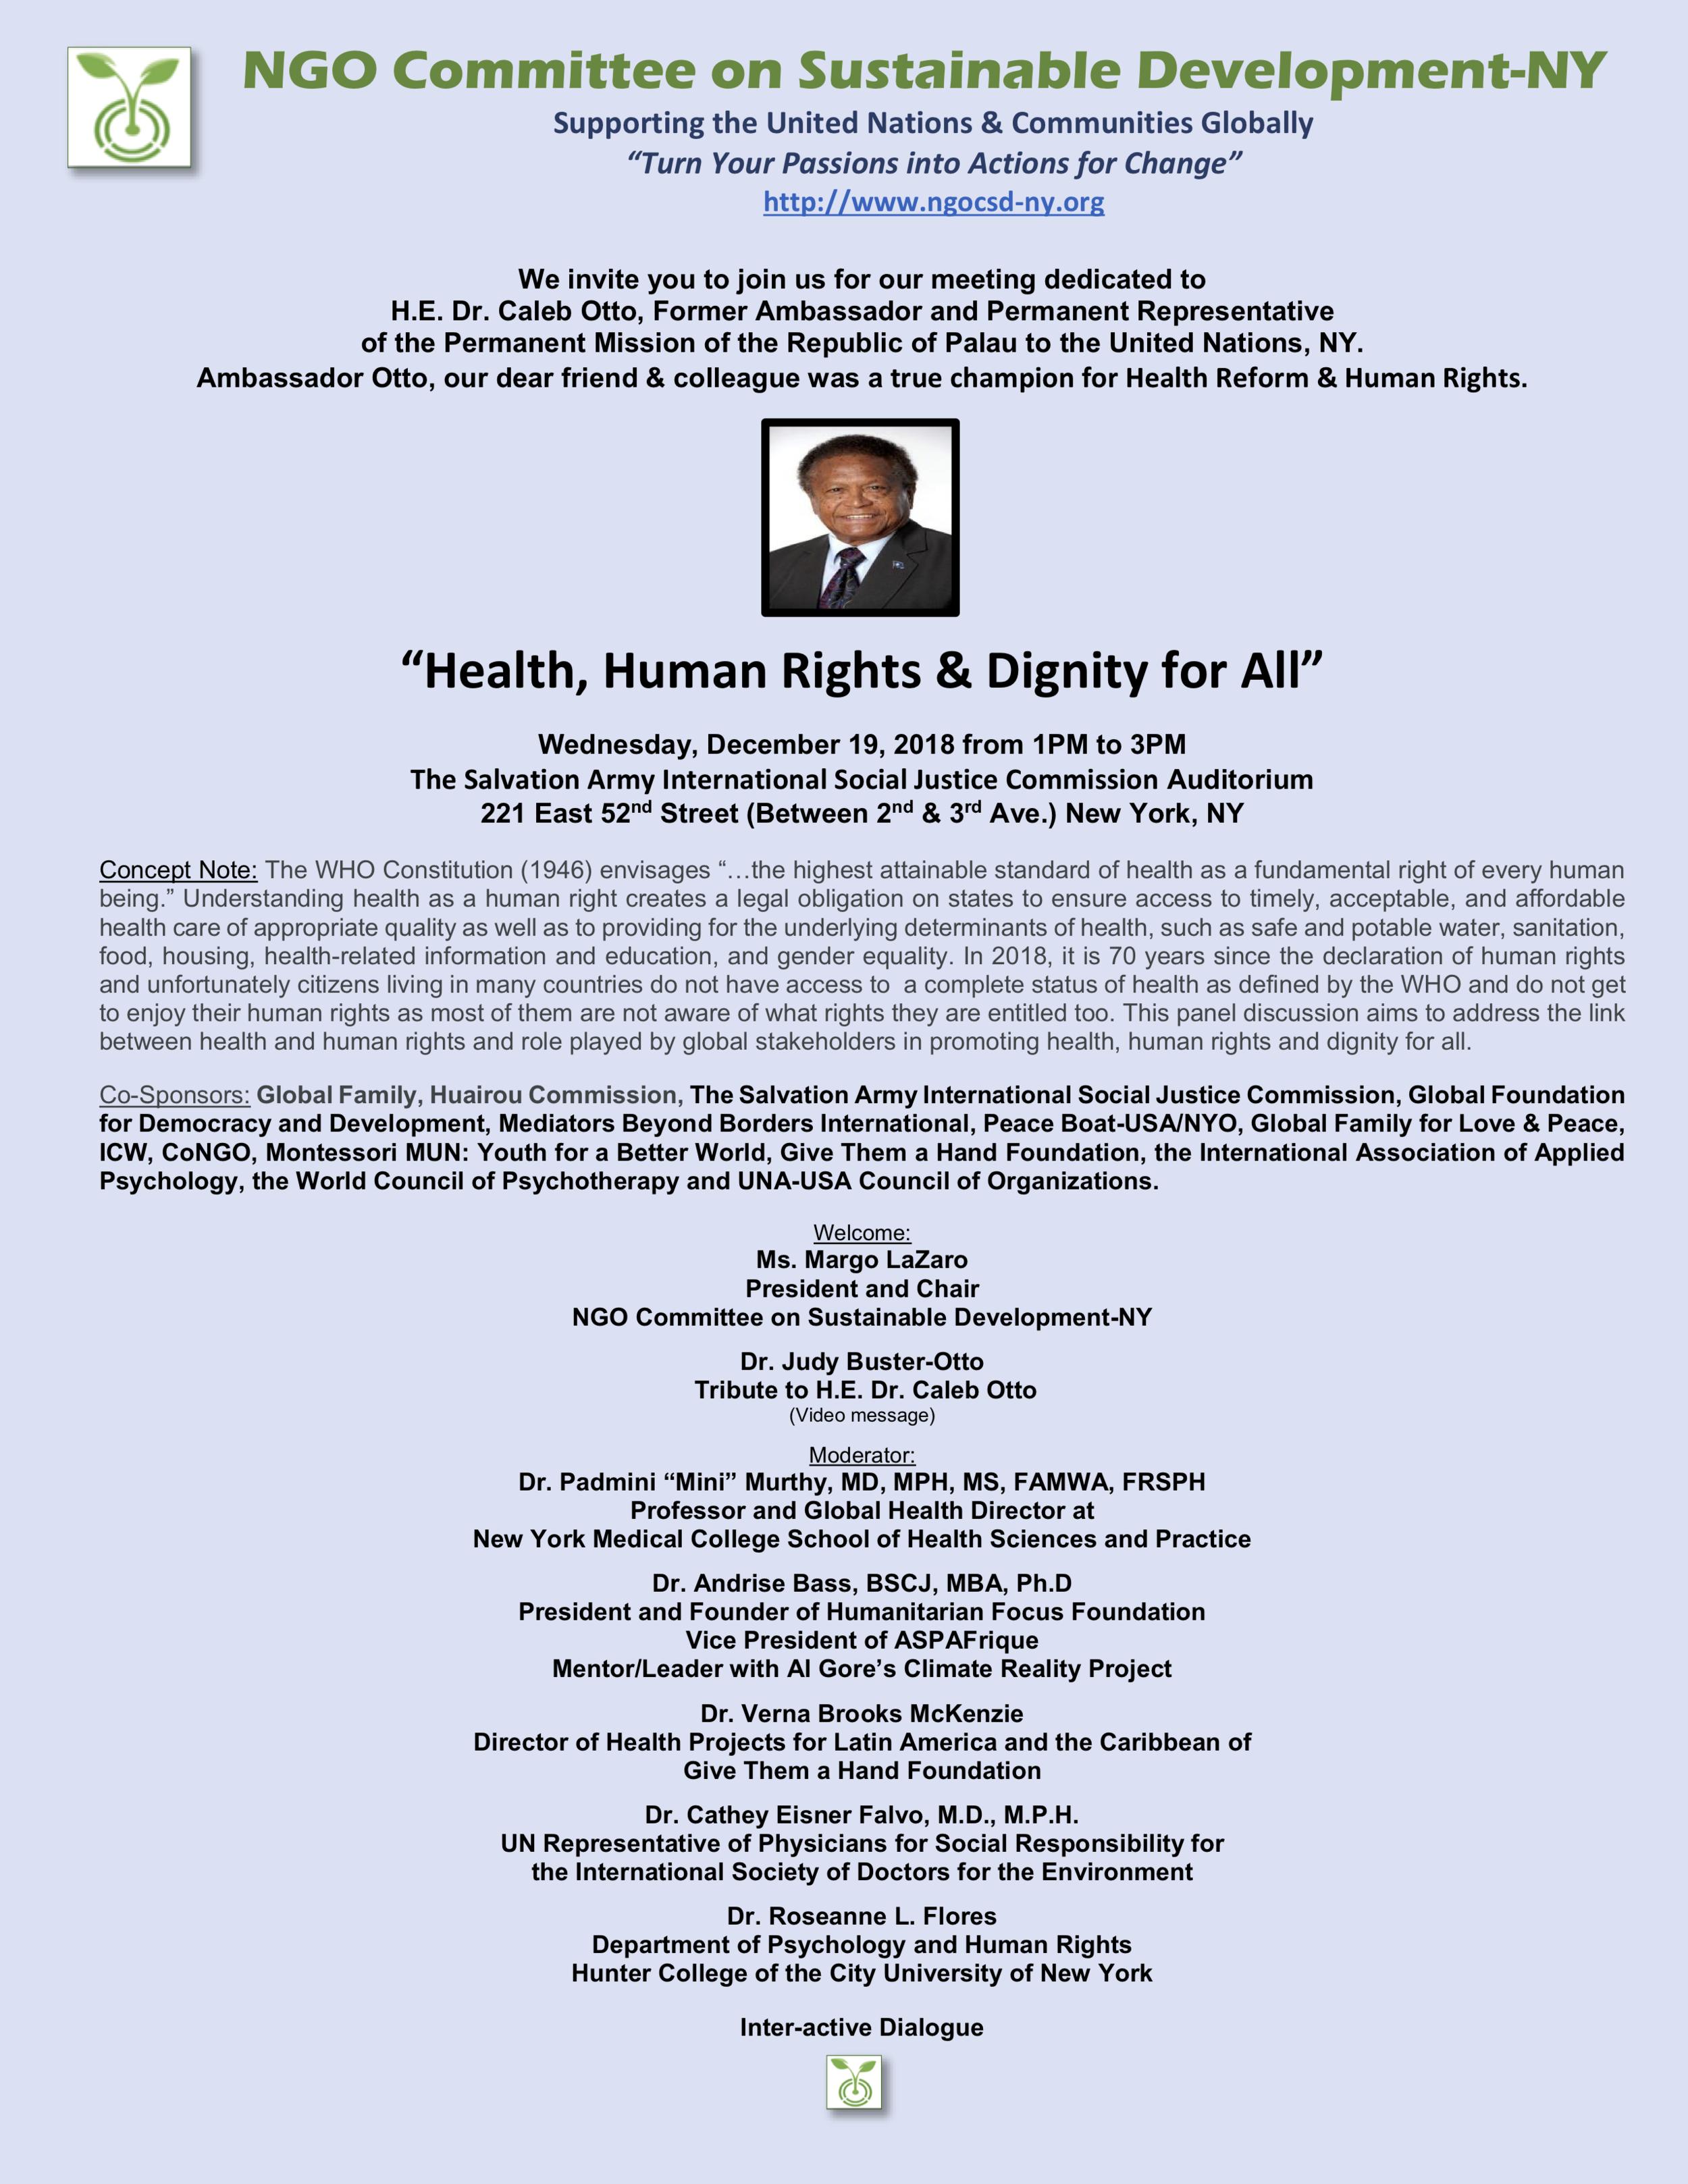 NGOCSD-NY 12-19-18 Health, Human Rights Invitation -B3ab.png